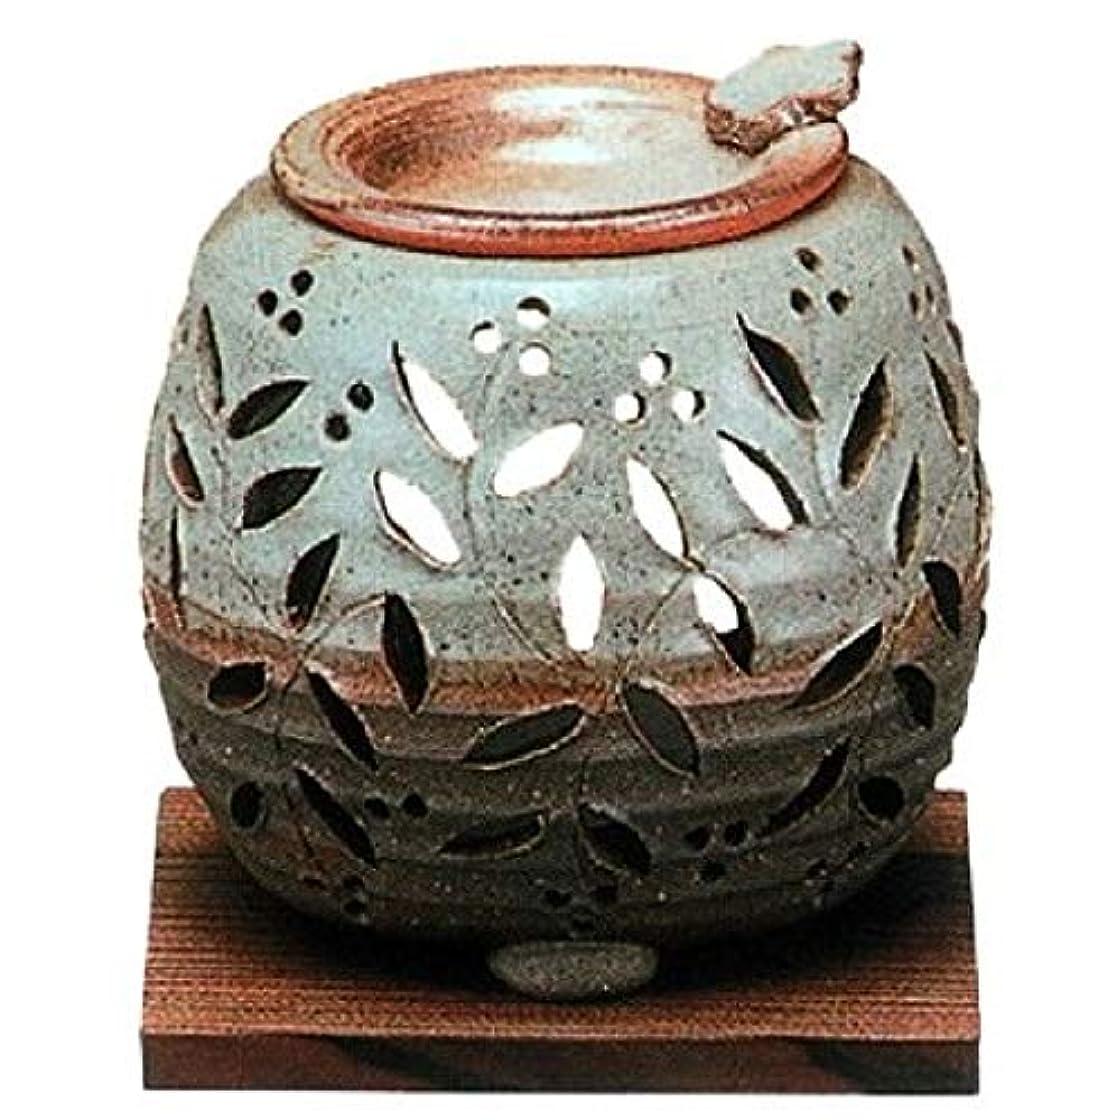 お酒叫び声同級生【常滑焼】石龍 緑灰釉花透かし彫り茶香炉 灰釉花透かし  φ11×H11㎝ 3-829